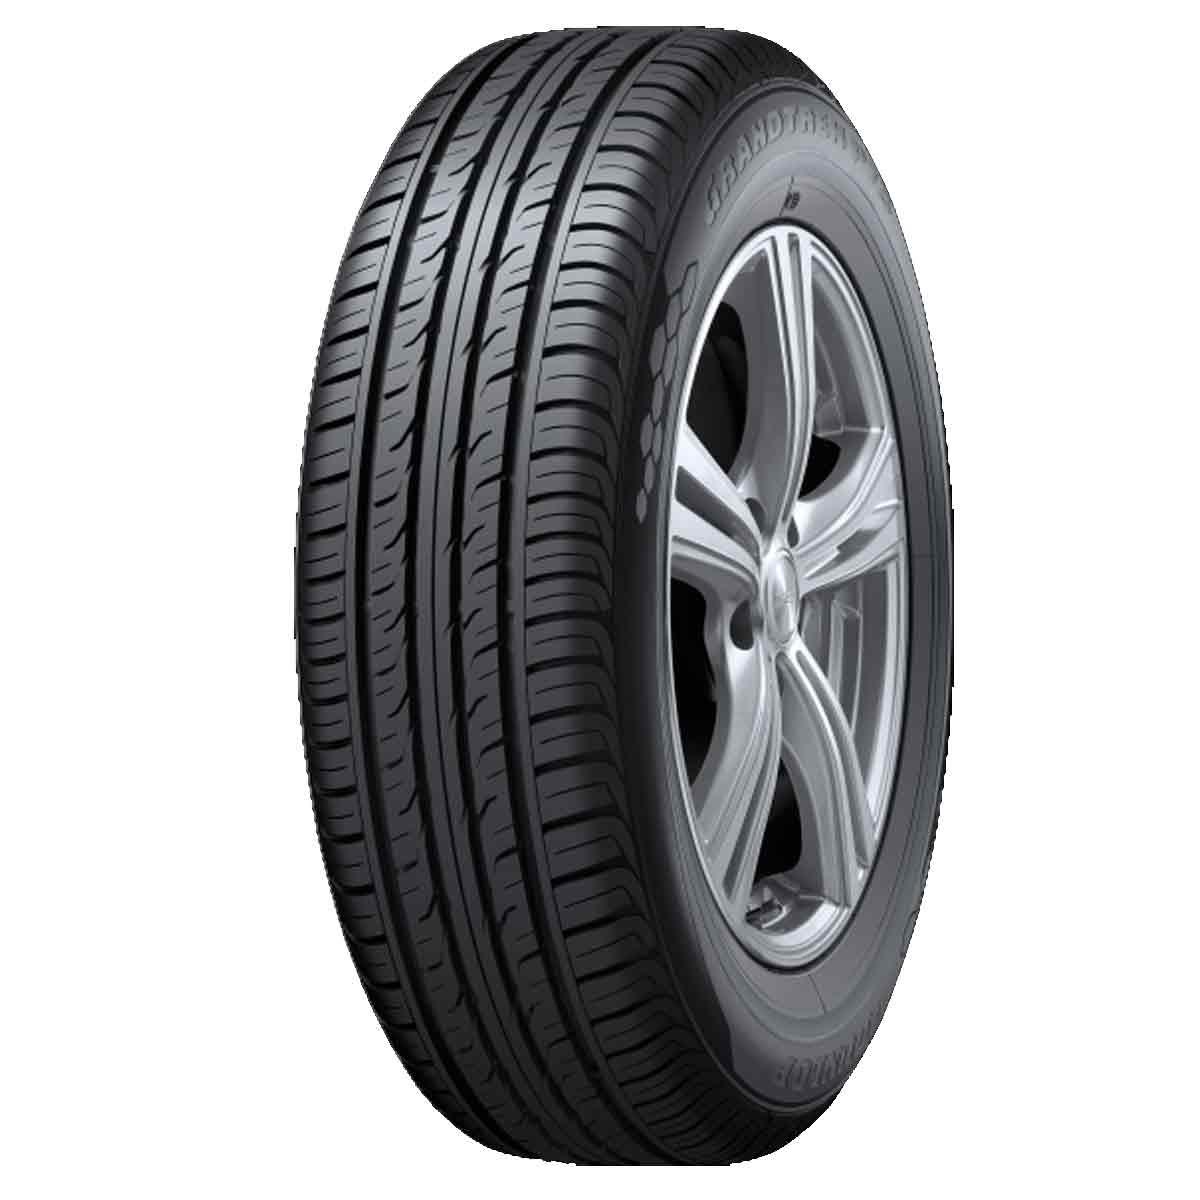 Pneu Dunlop 215/70r16 100H GRANDTREK PT3